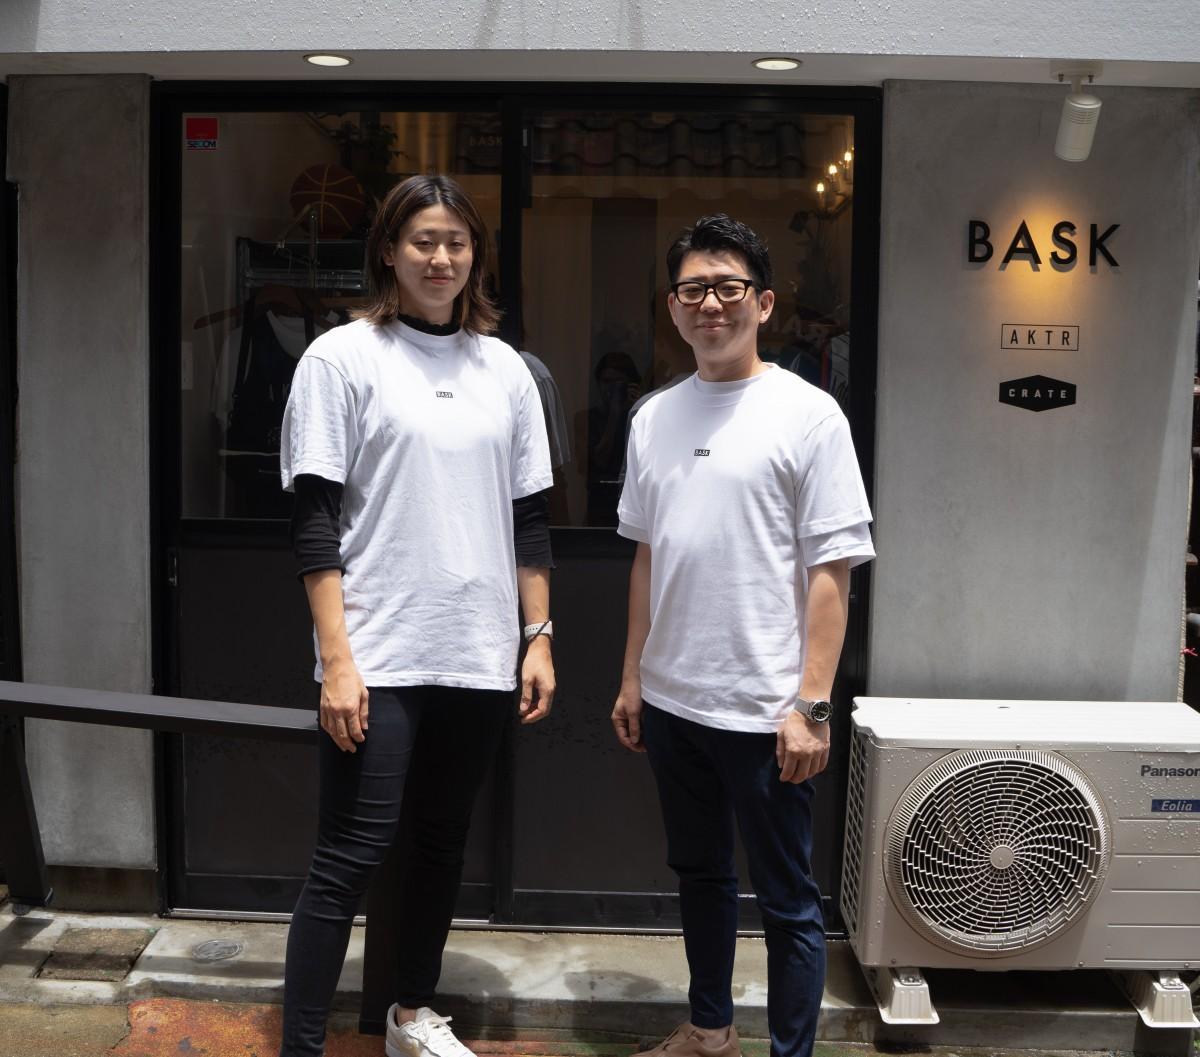 (左から)バスケットボール選手の加藤夕貴さんと、店主の朽木敬之さん